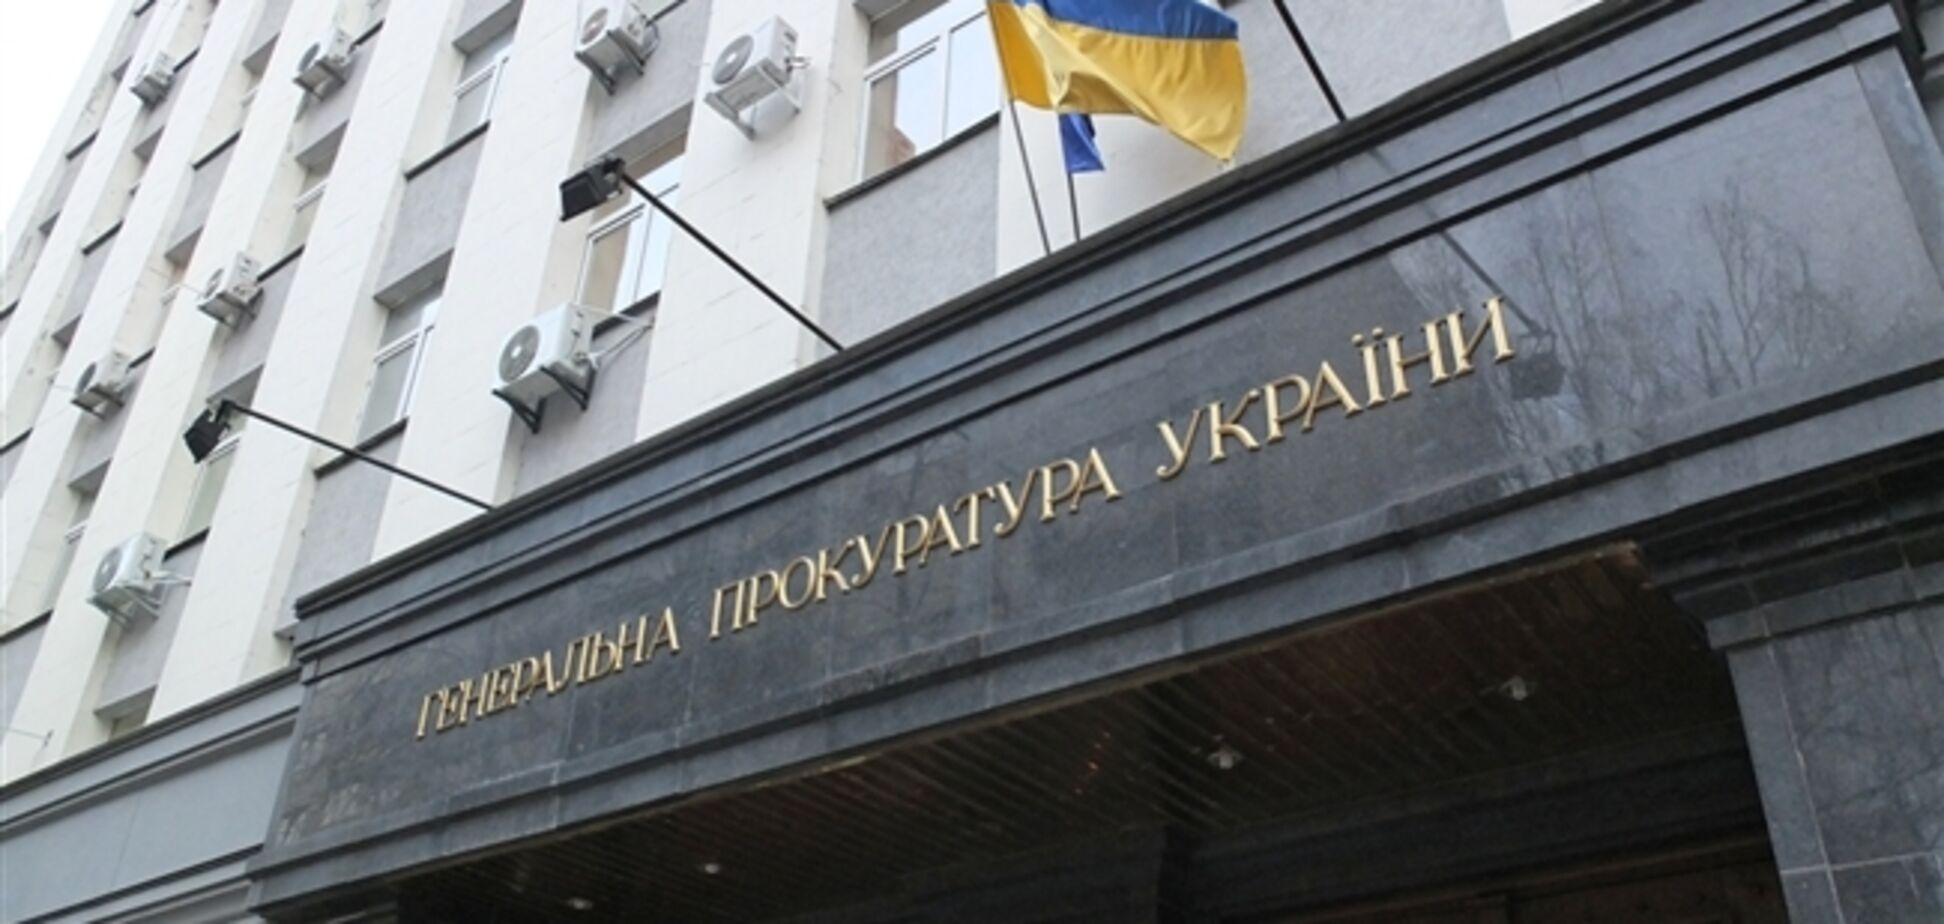 Есть ряд вопросов: ГПУ вызвала на допрос скандального 'агента Катерину'